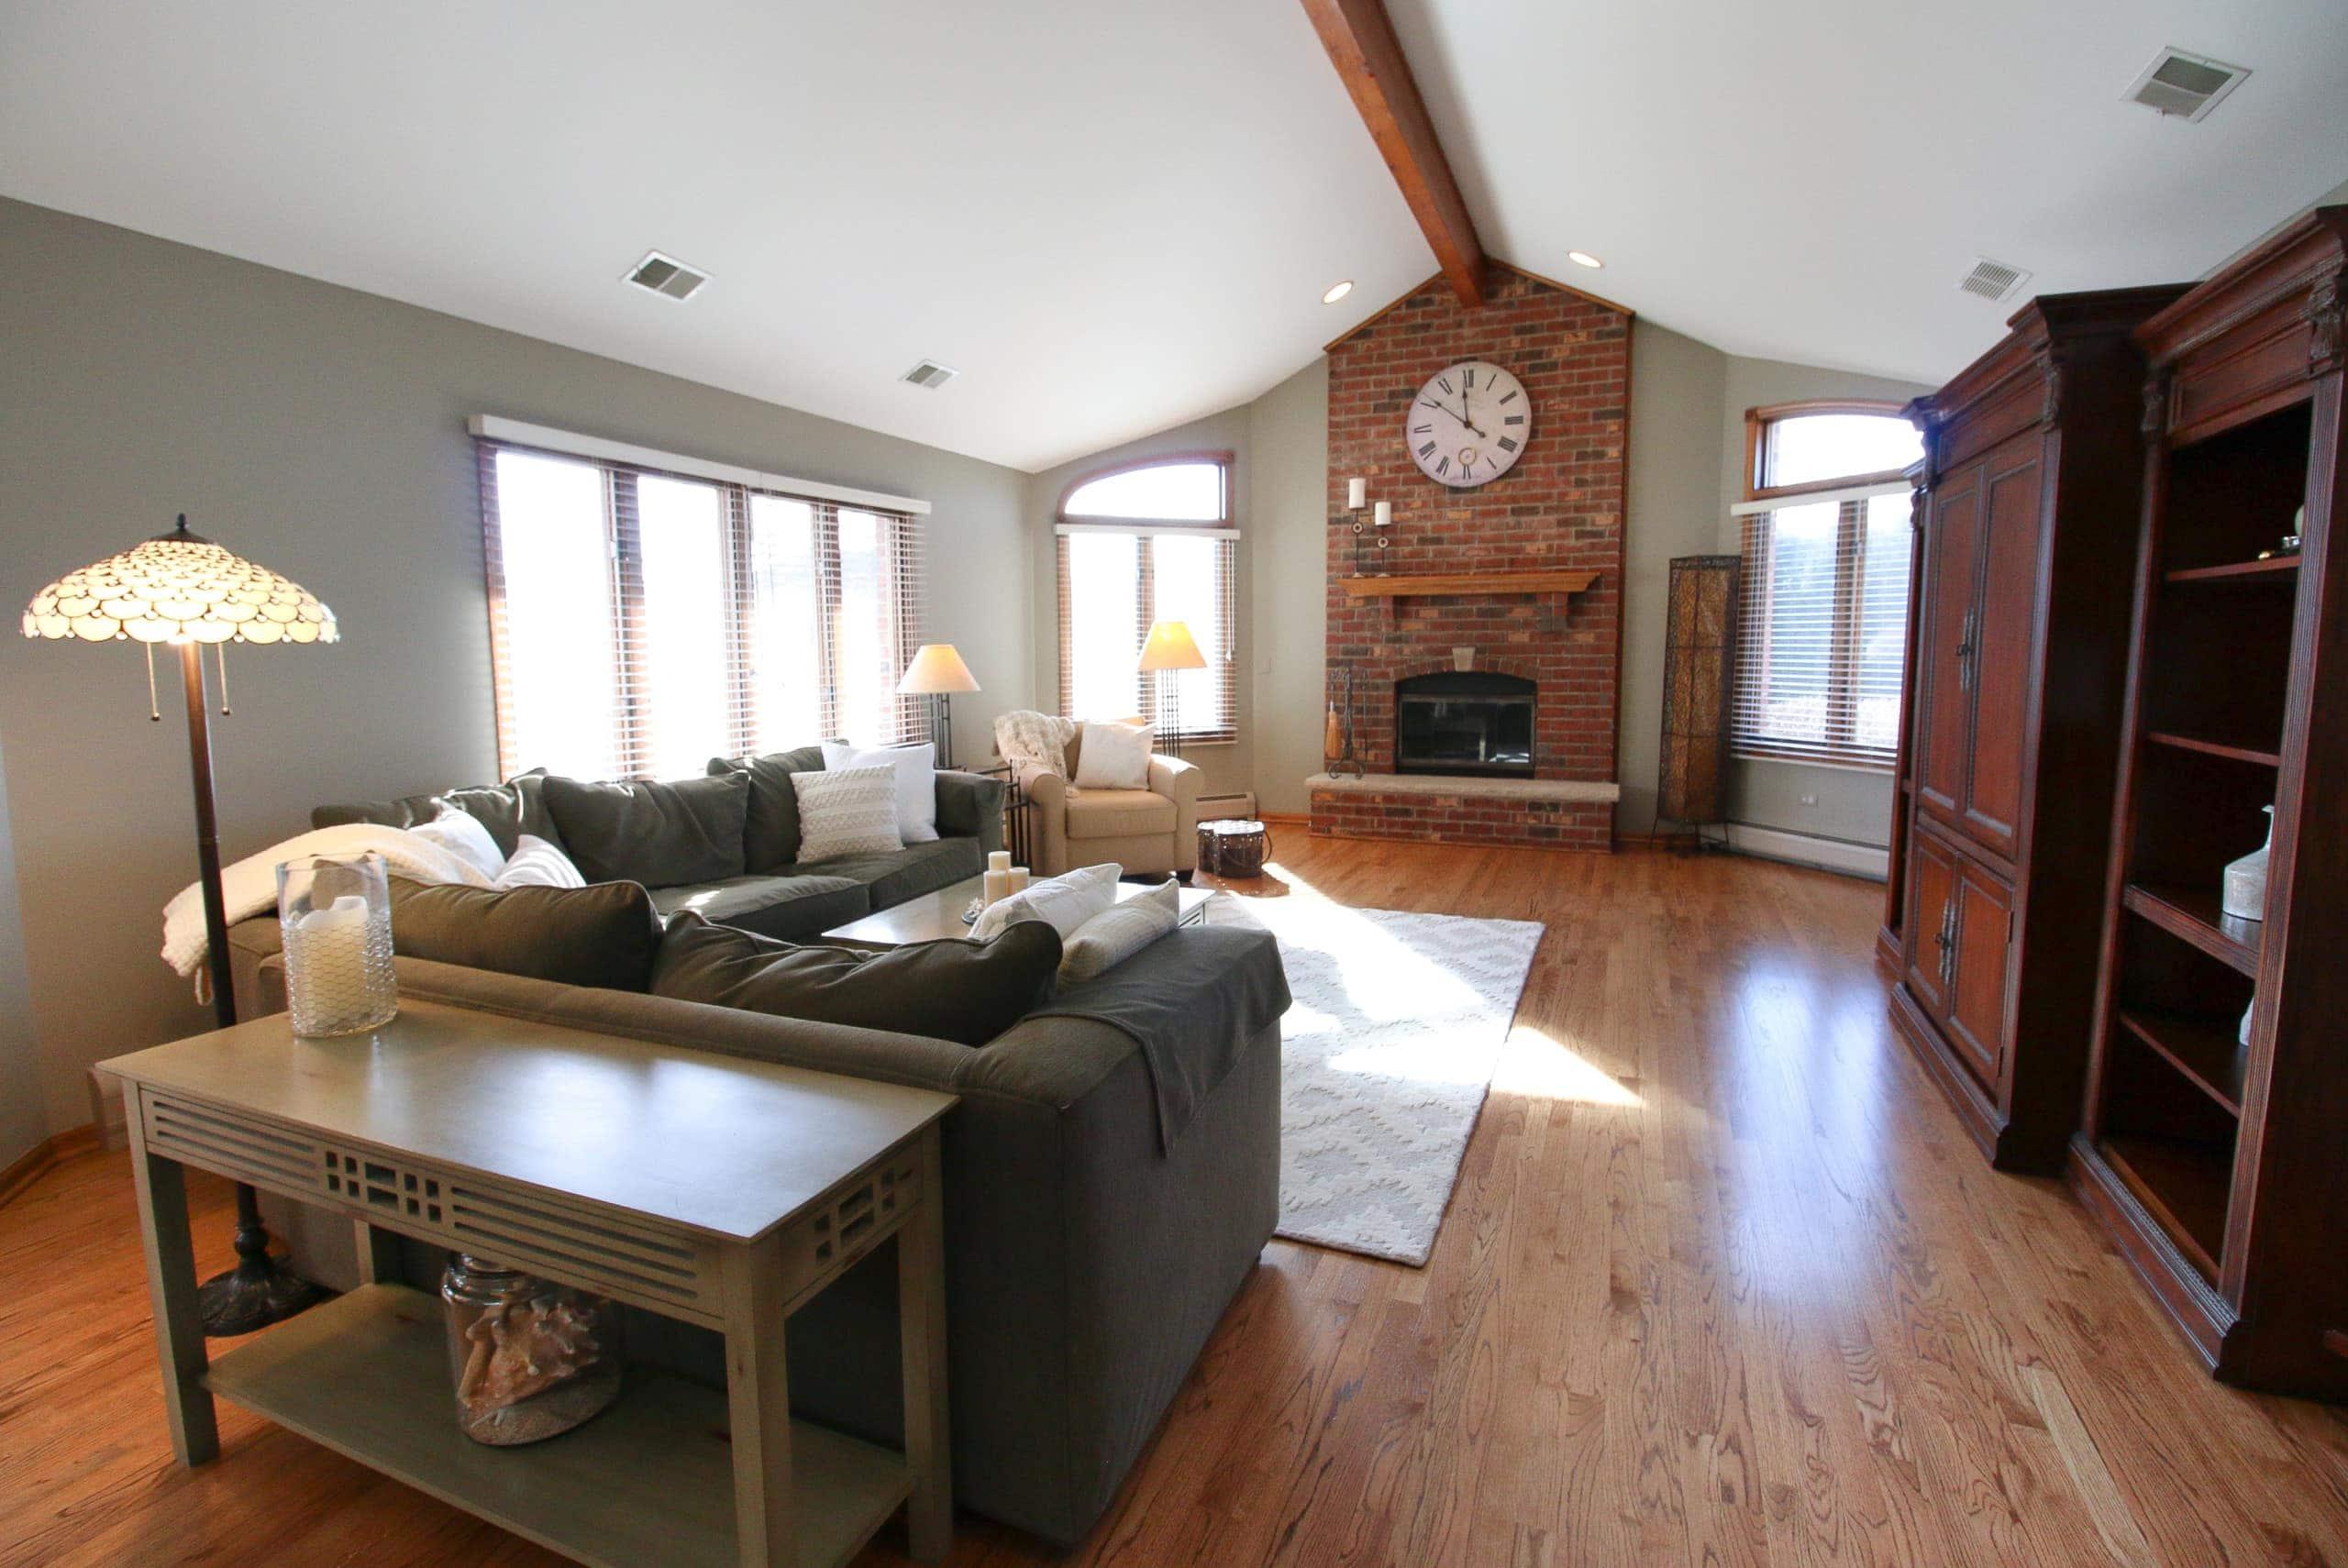 Jan's living room